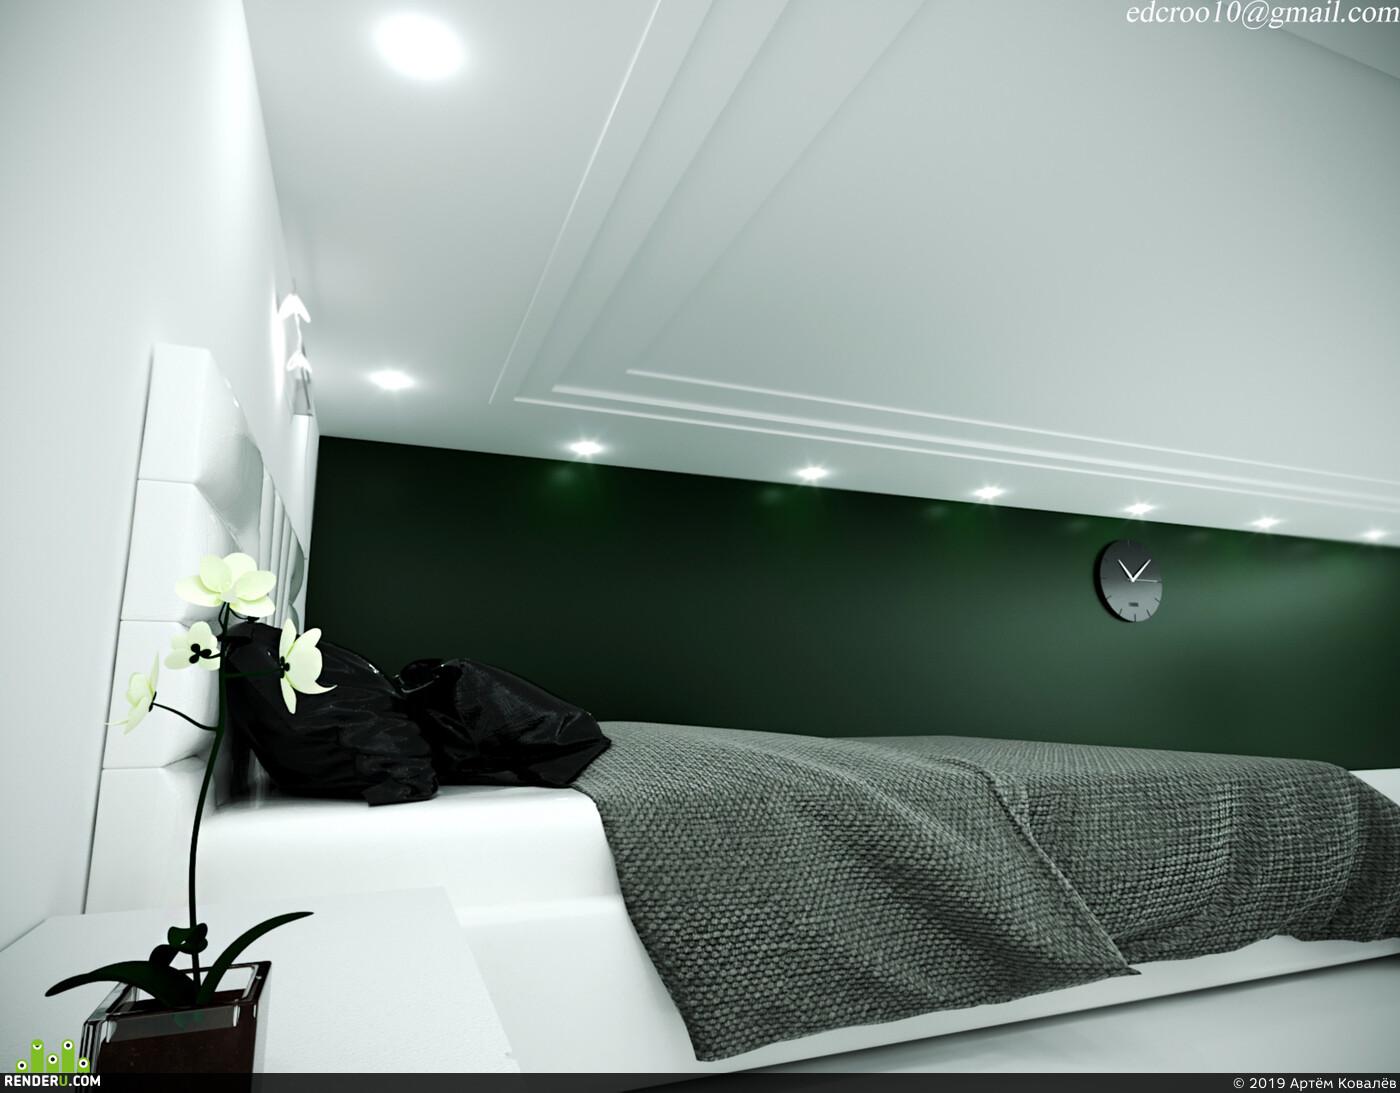 дизайнинтерьера, Интерьерная визуализация, визуализация интерьеров, 3д визуализация интерьера